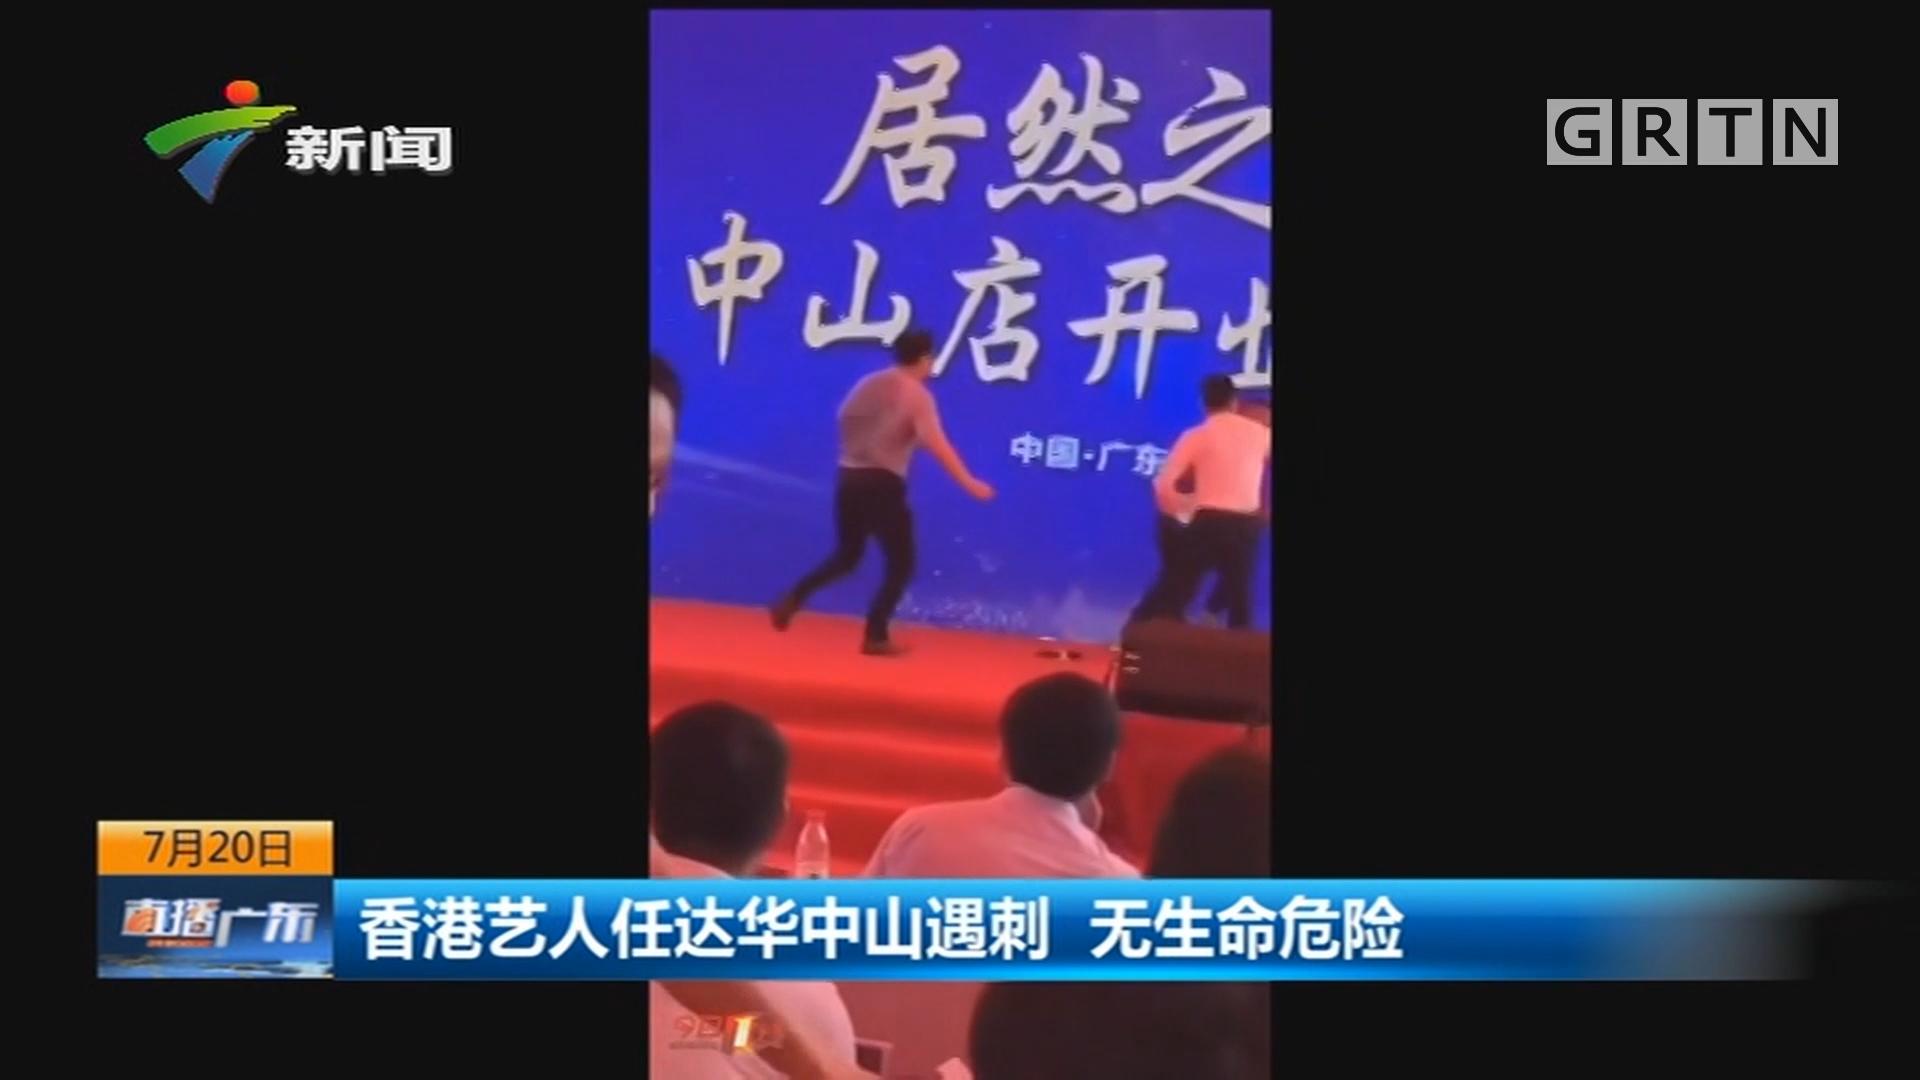 香港艺人任达华中山遇刺 无生命危险